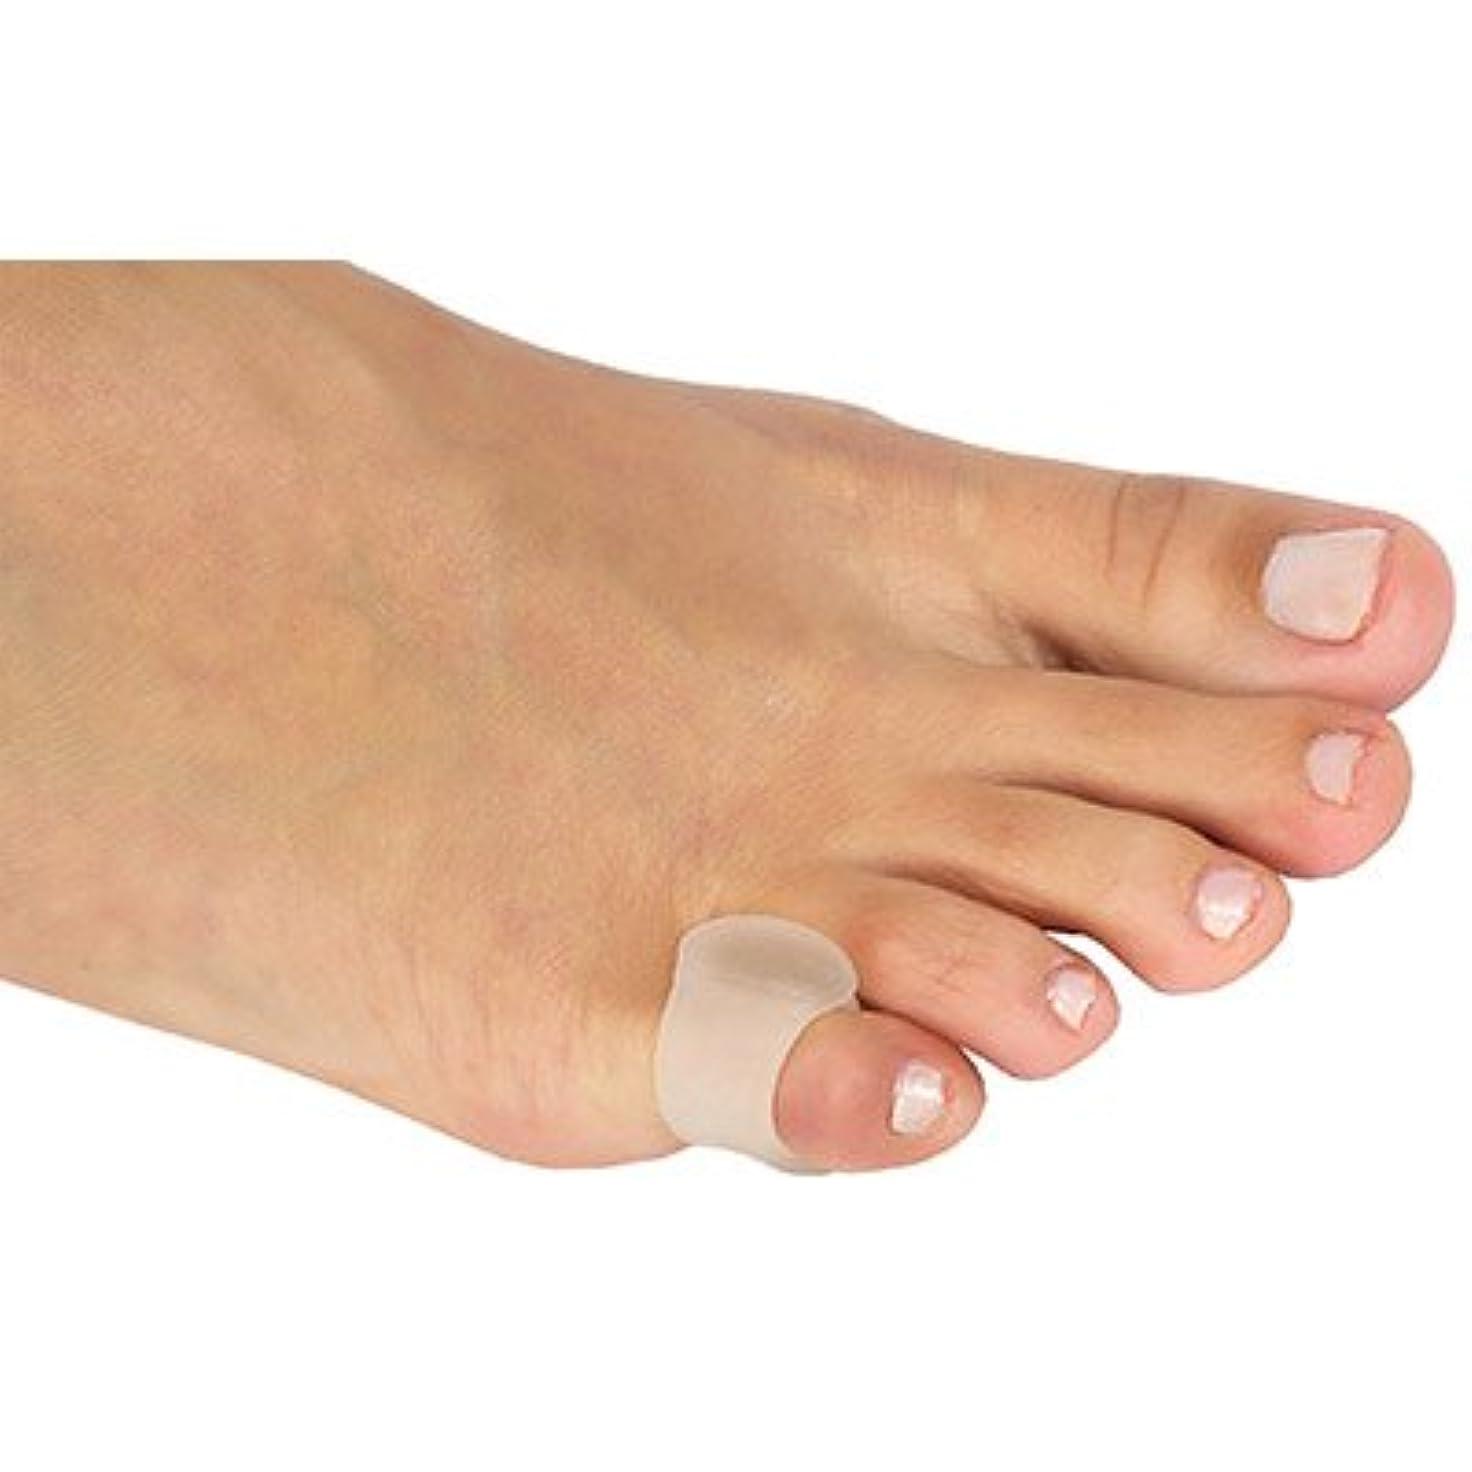 入浴コンペ倫理的内反小趾用足指スペーサー(P26-M)(サイズM)